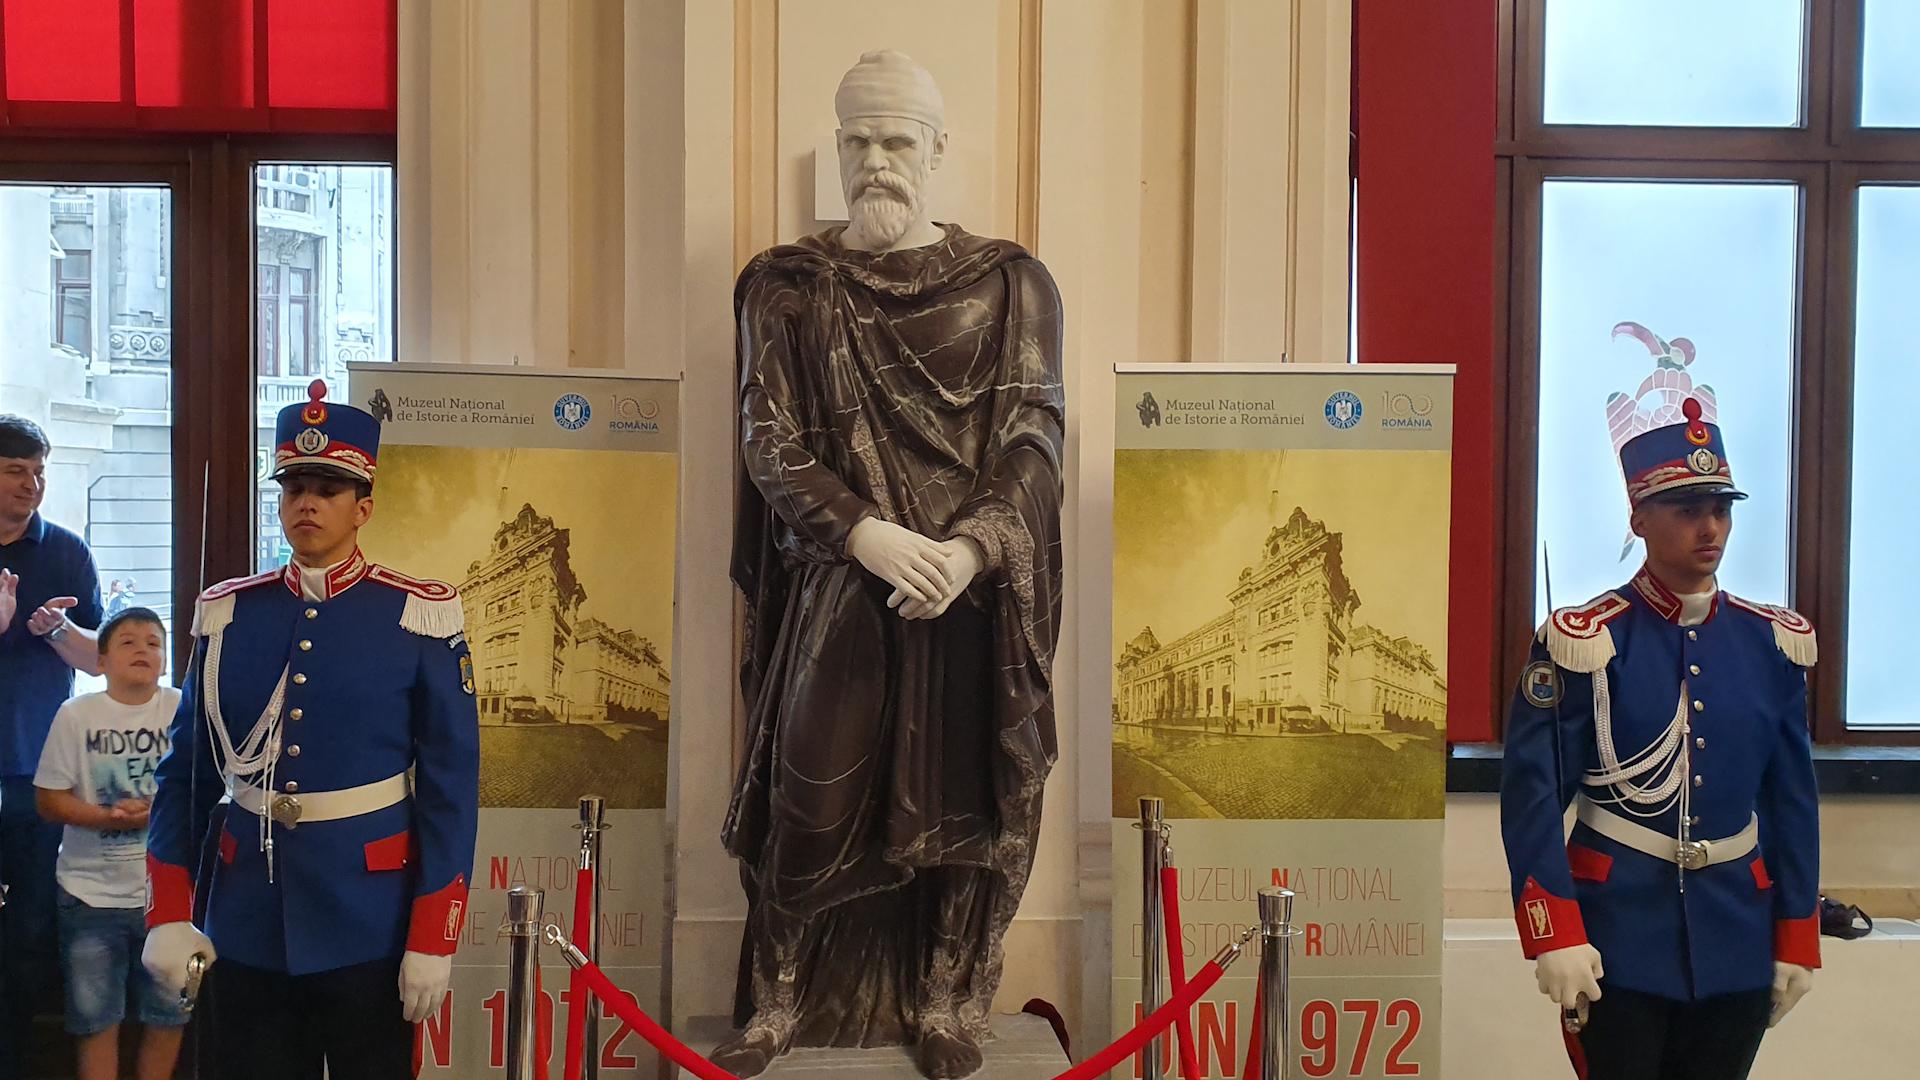 Statuia nobilului dac, foarte posibil Regele Decebal, expusă în holul Muzeului Național de Istorie al României